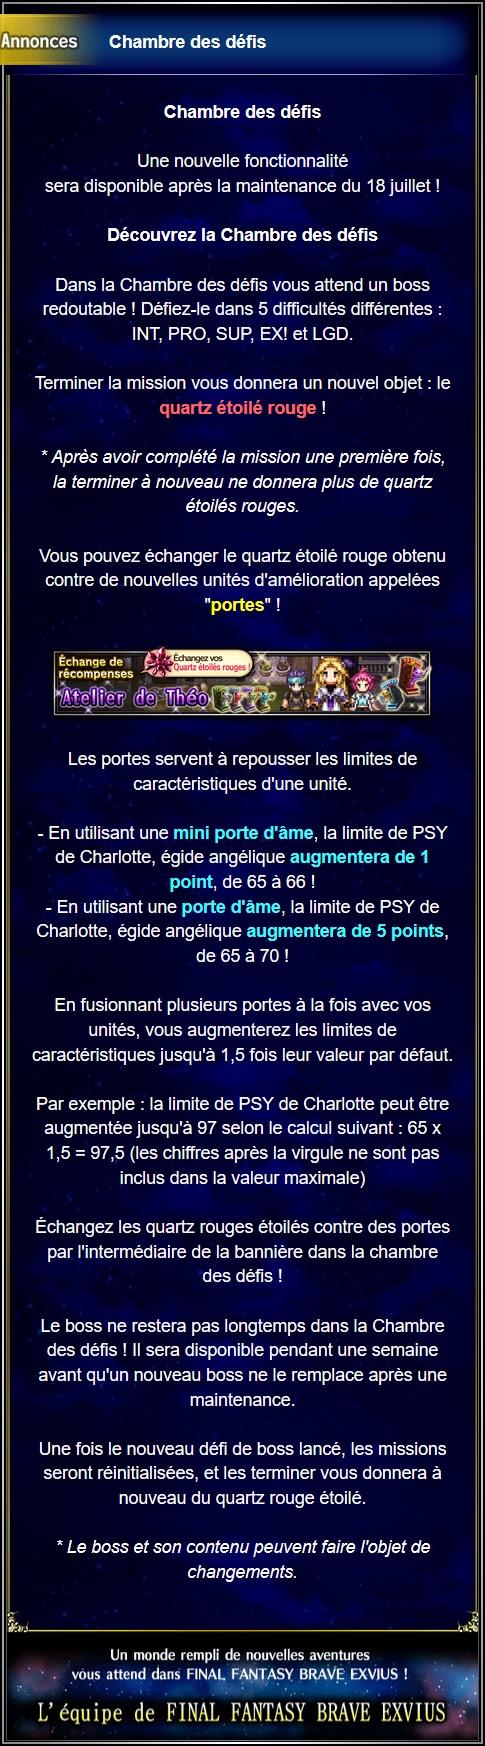 Chambre des défis (Door Pots) - à partir du 18/07/19 Captu174